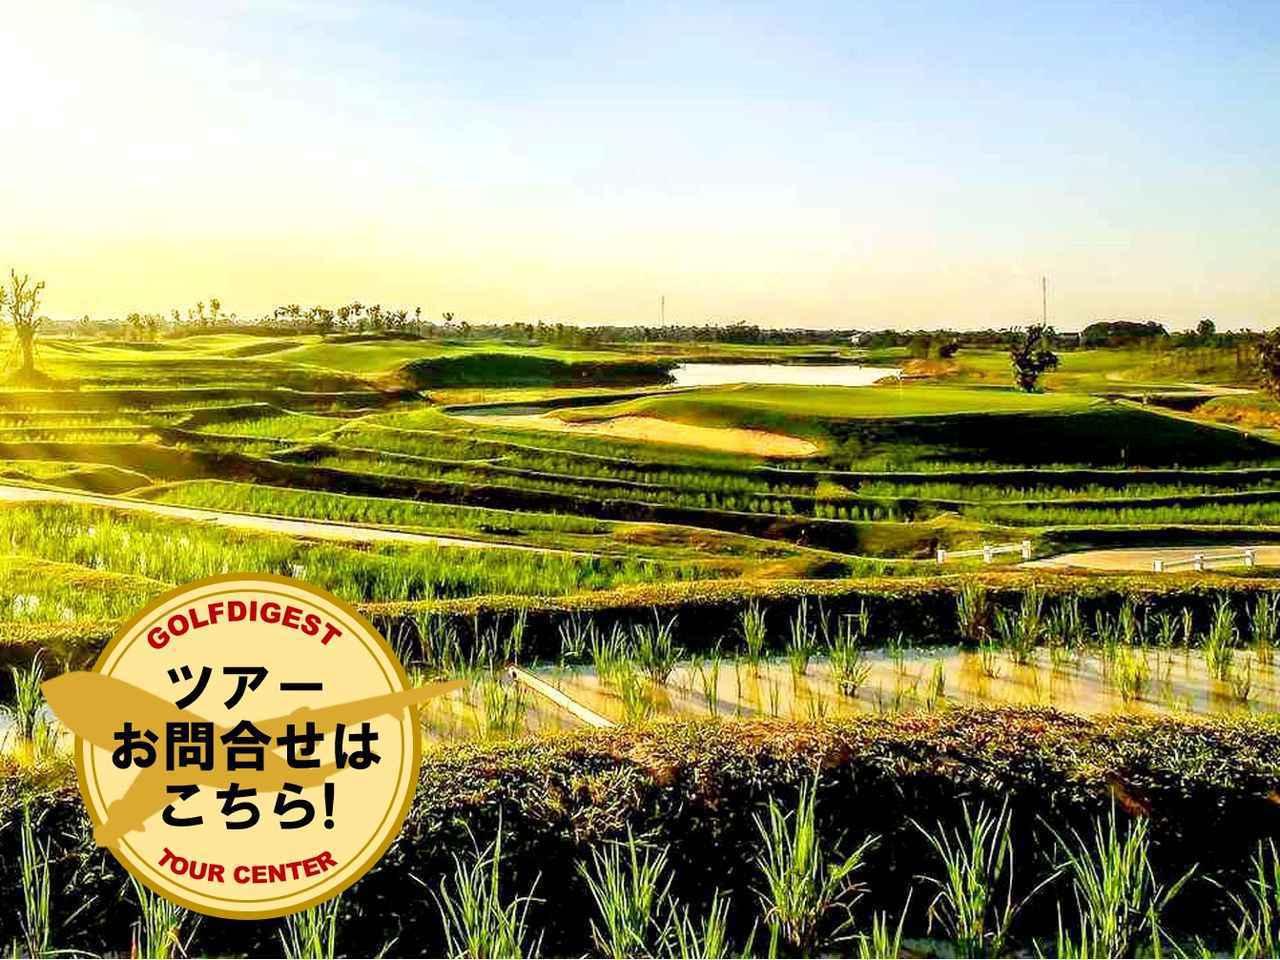 画像: 【タイ・チェンマイ】5コースから選んで2プレー「北方の薔薇」美しい都チェンマイ 5日間(現地係員案内) - ゴルフへ行こうWEB by ゴルフダイジェスト